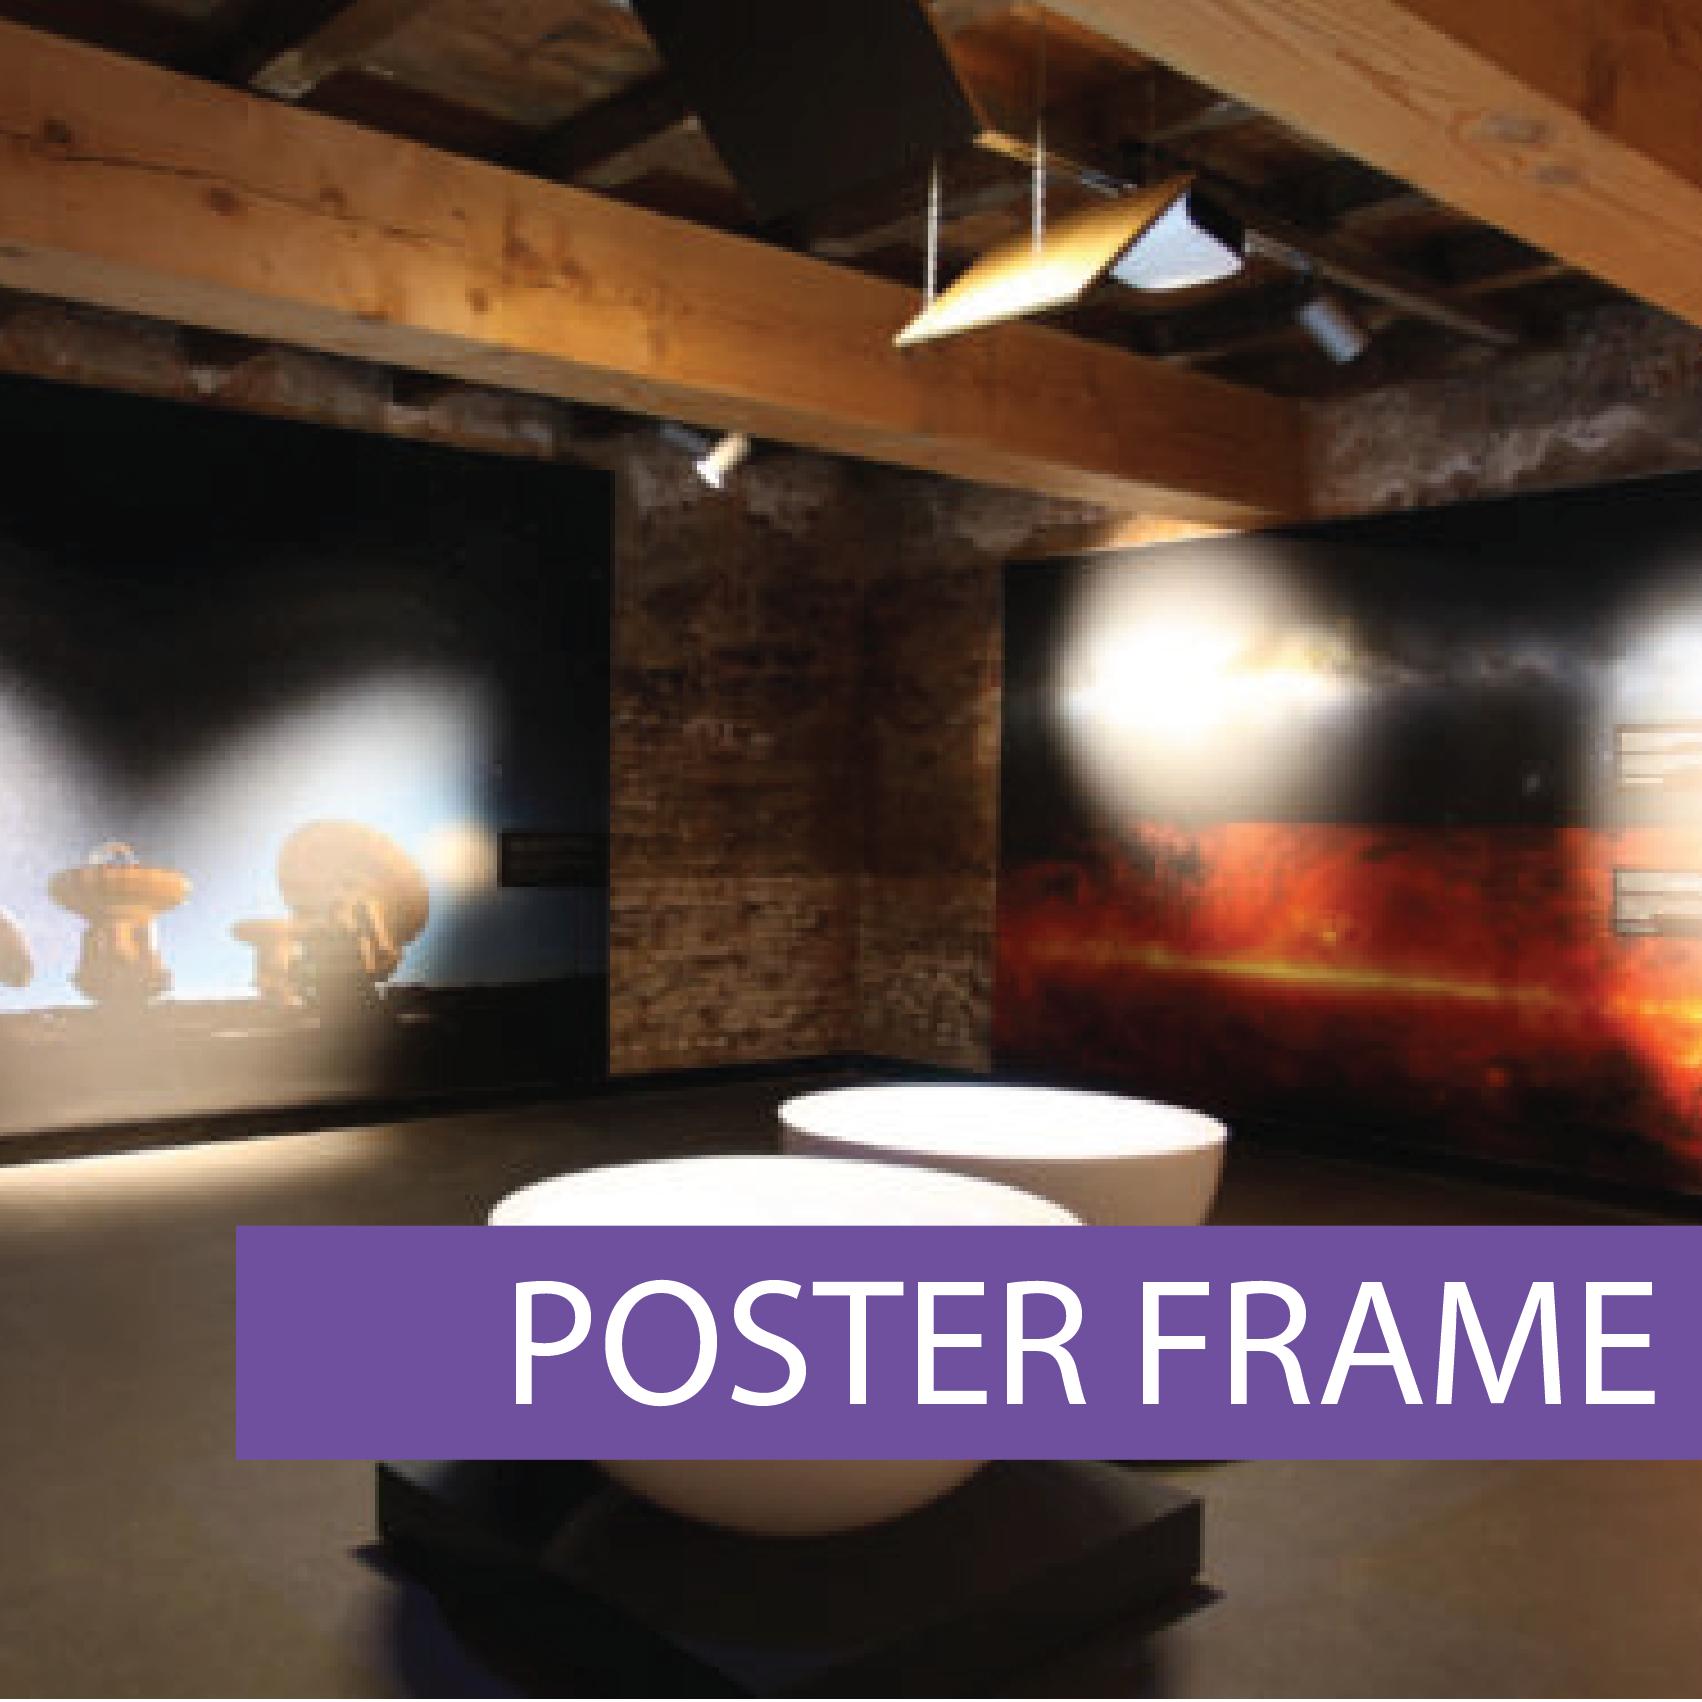 Poster framelss frame